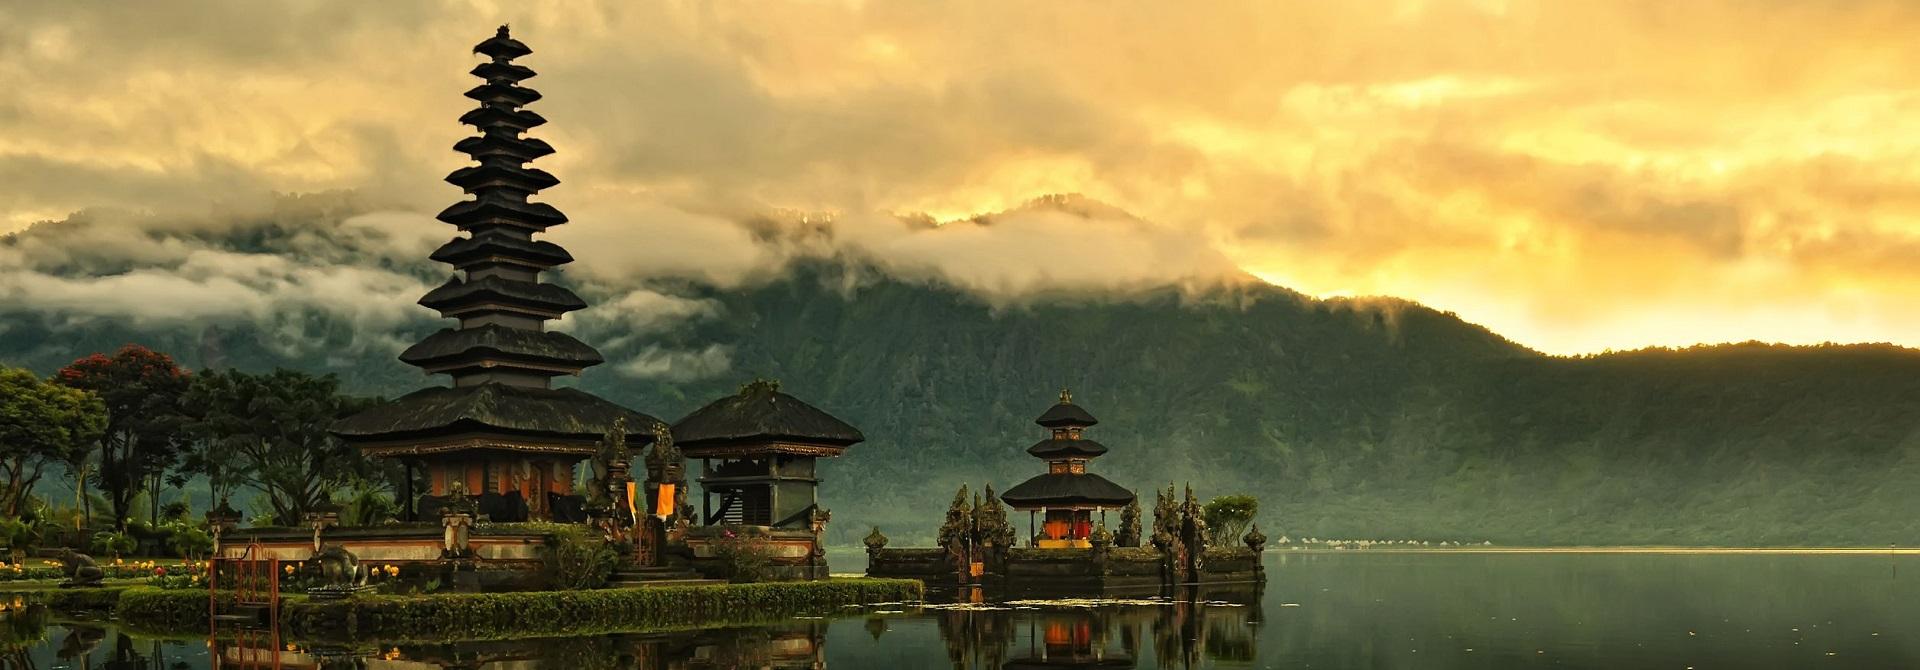 Liburan dan Wisata di Bali paket tour bali 4 hari 3 malam - Dolan Dolen